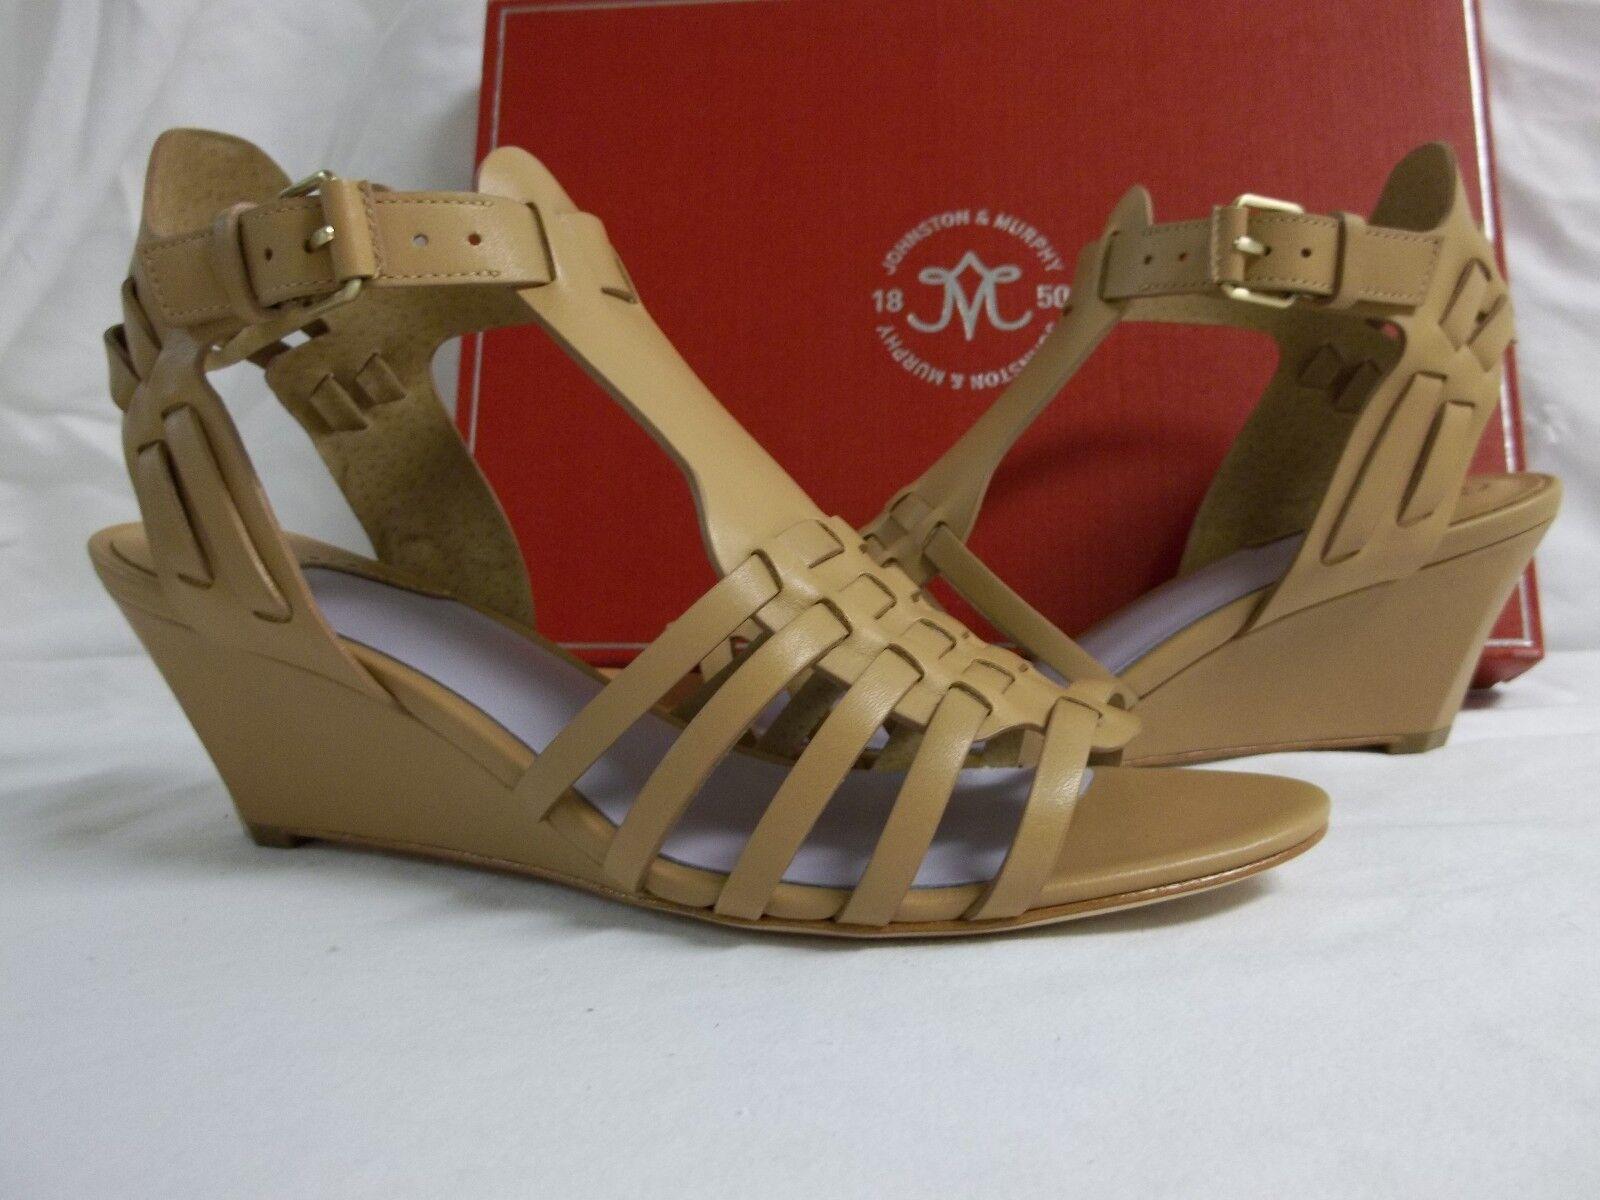 Johnston & Murphy Größe 7 M Kaye Natural Leder Open Toe Wedges NEU Damenschuhe Schuhes